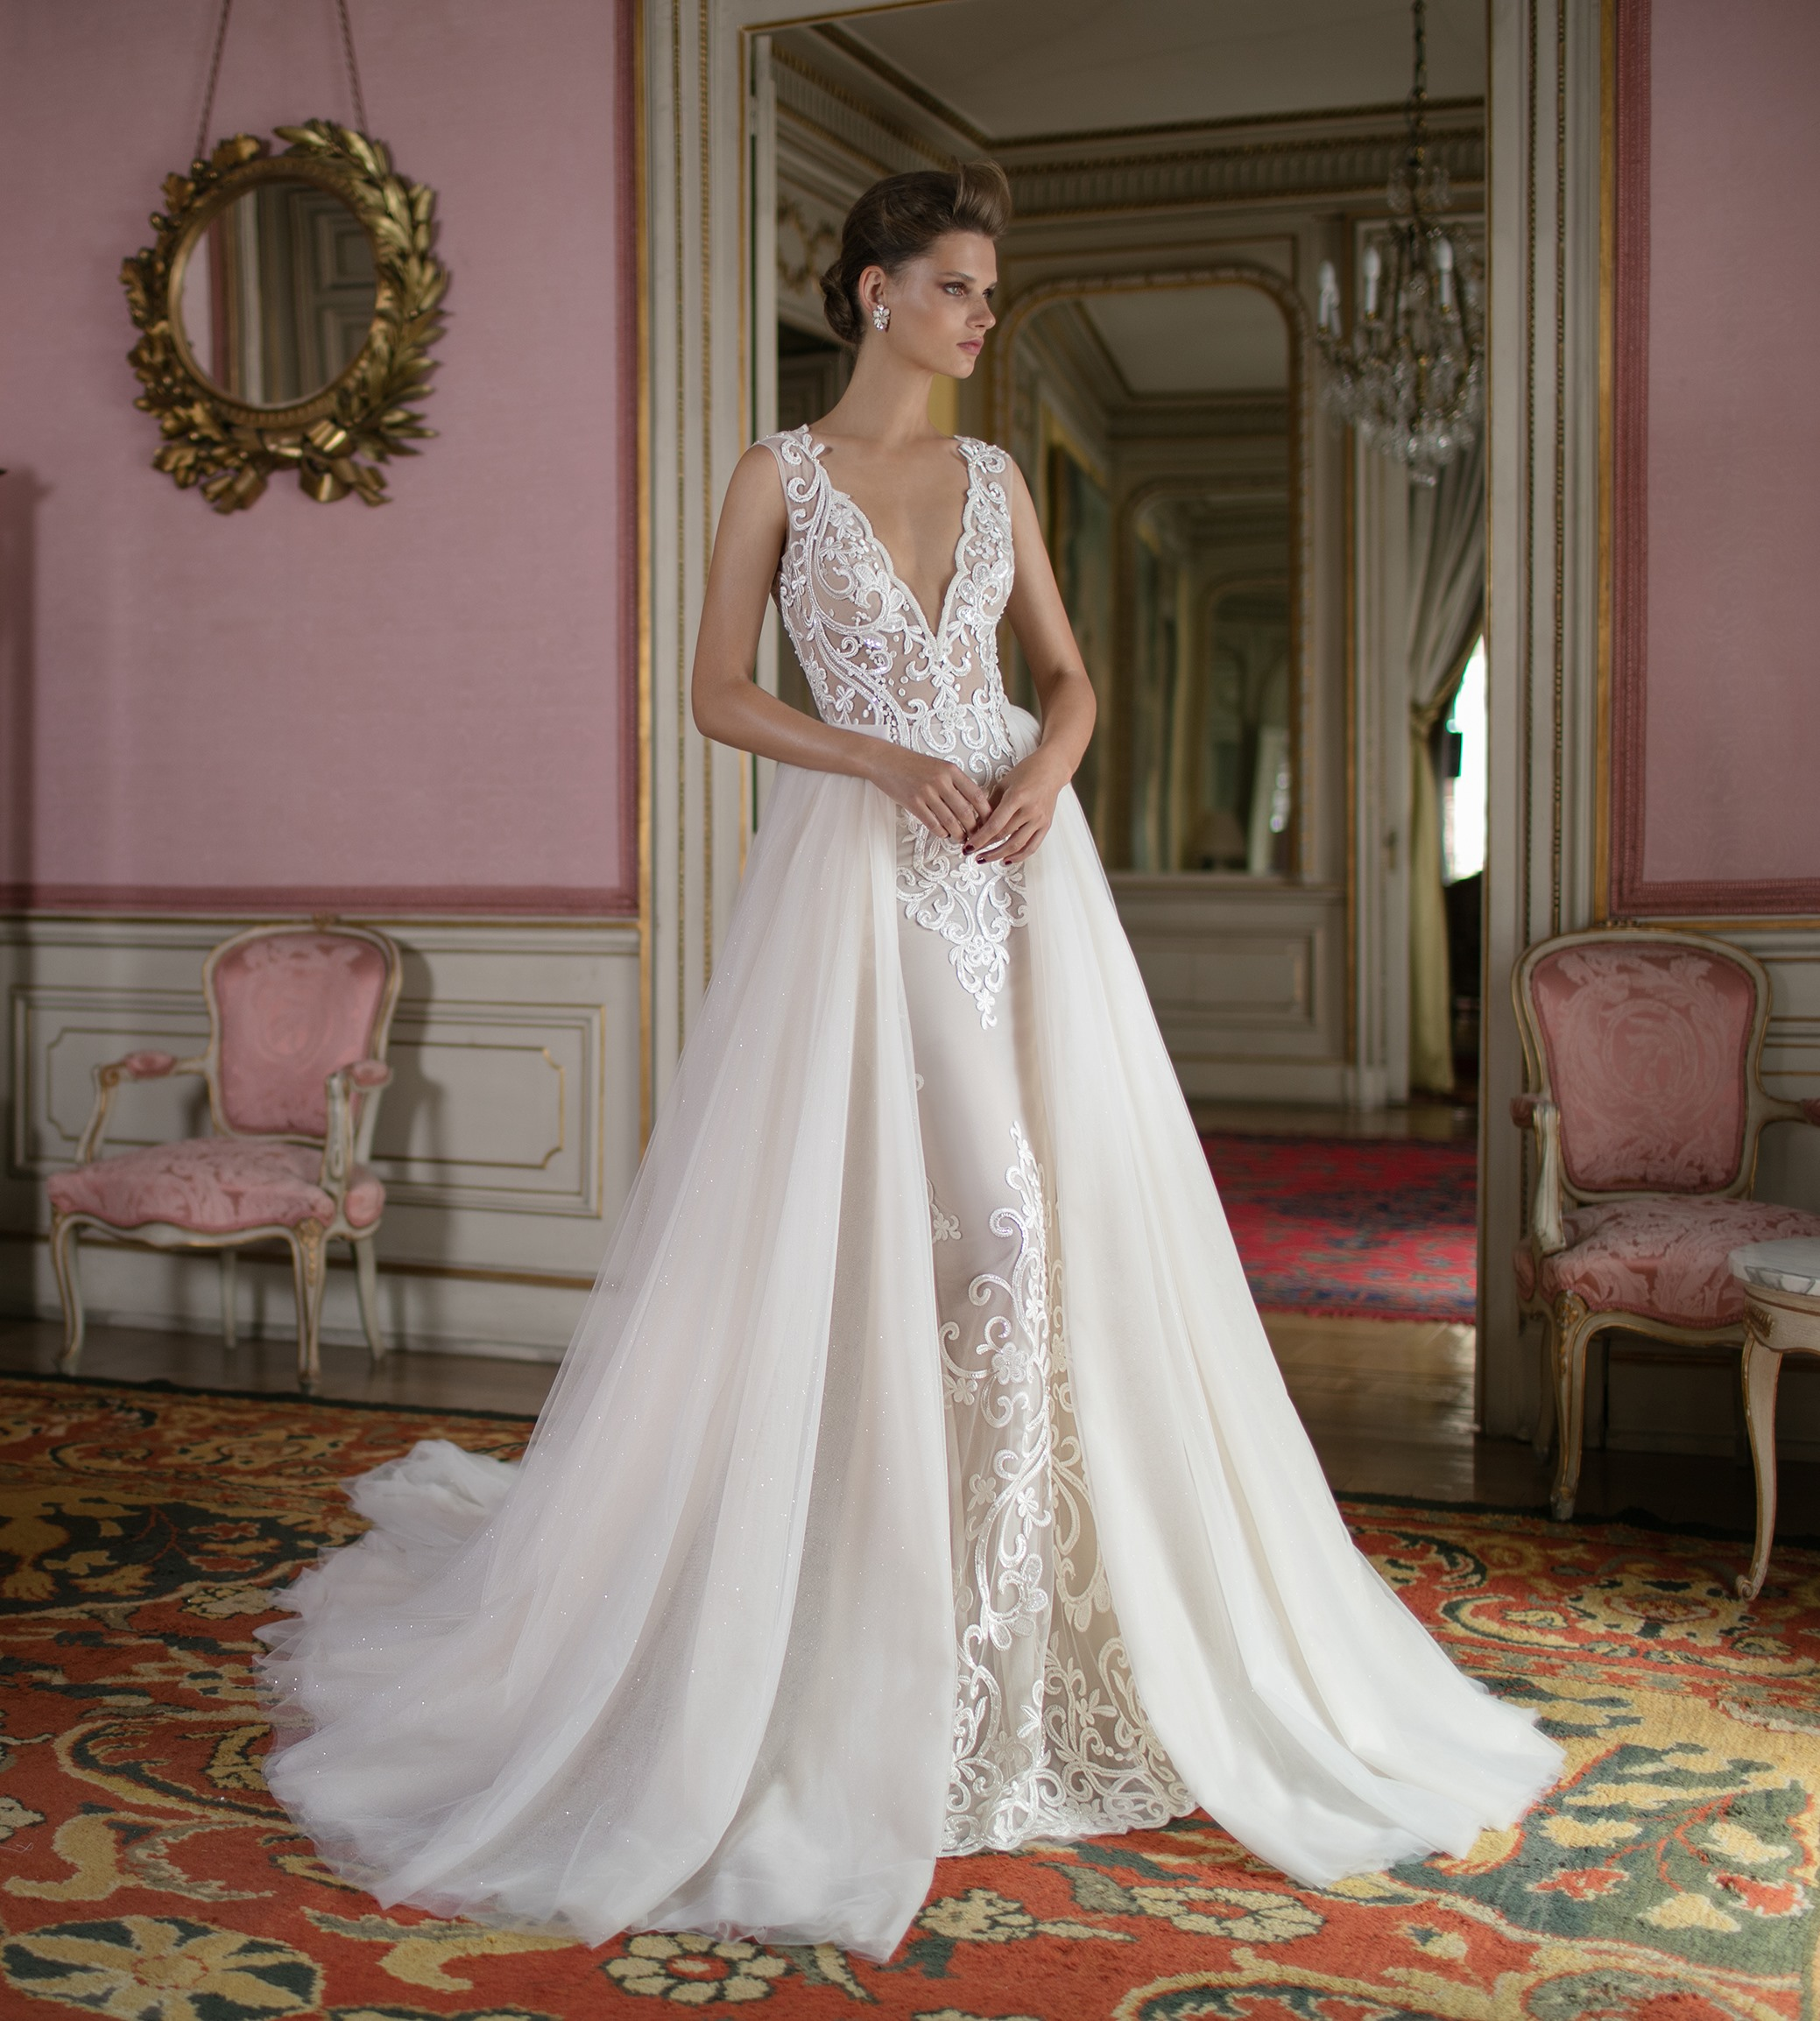 Abiti Da Cerimonia 7 Bis.Aristocratica E Sensuale La Sposa Berta Spring 2016